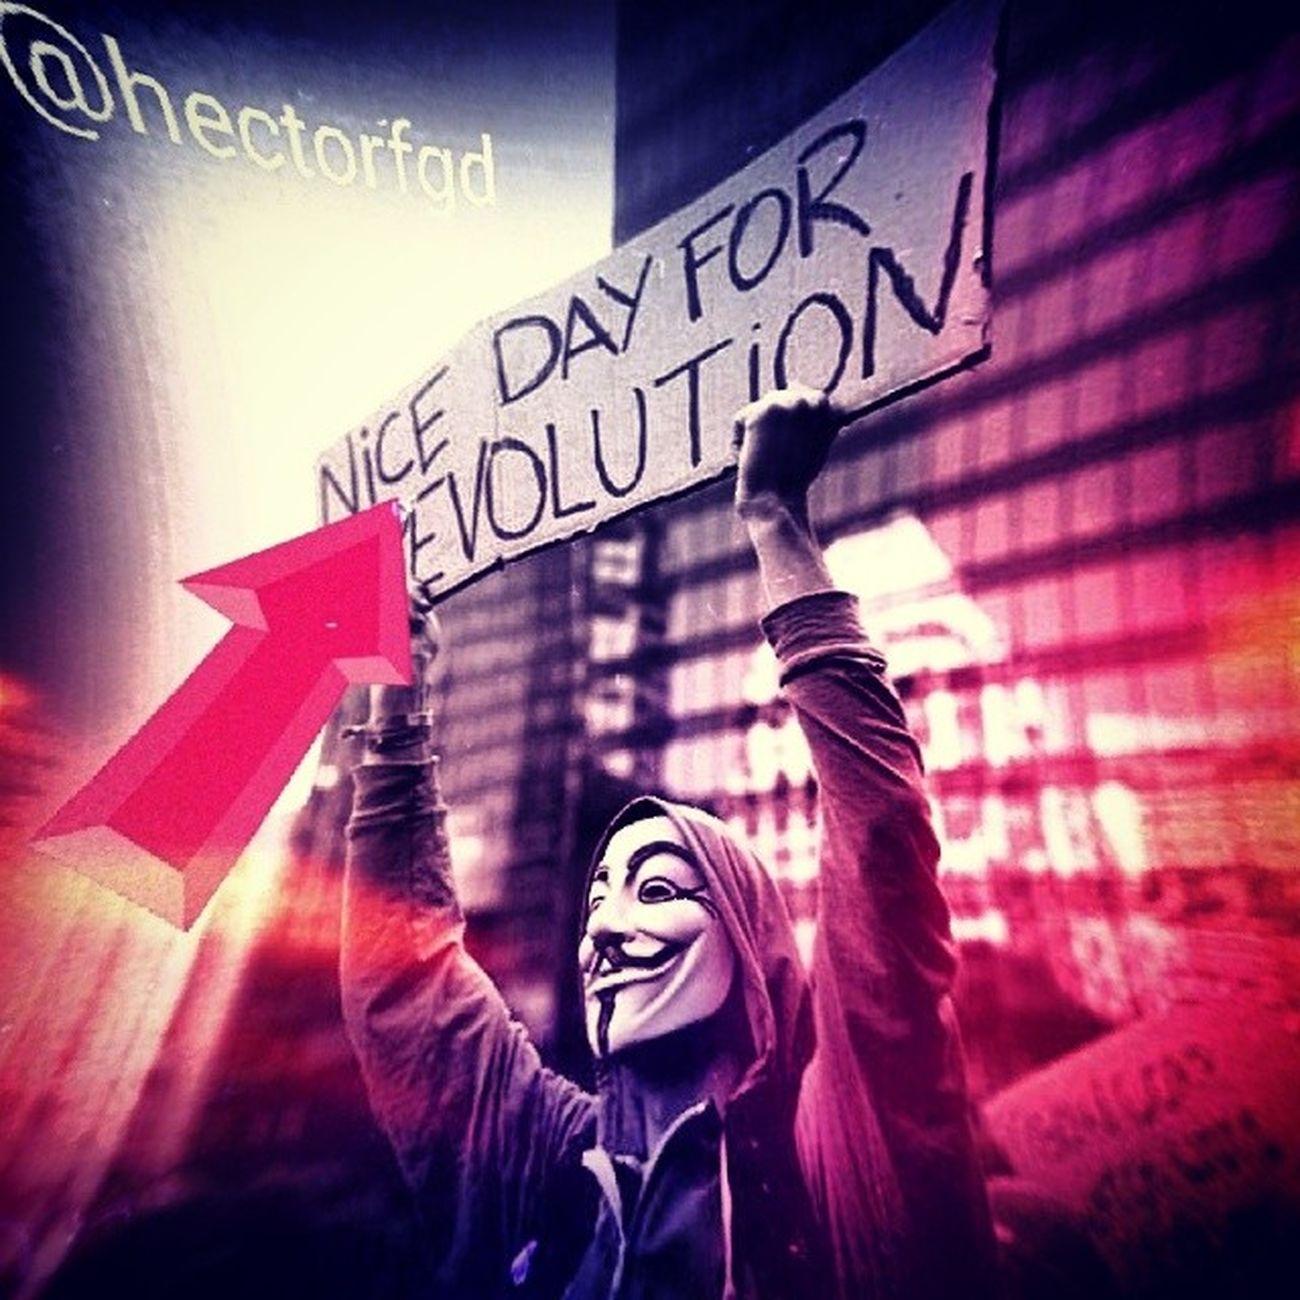 Hoy es un buen día para evolucionar nuestra lucha debemos ser más inteligentes y más certeros. Aquí nadie se rinde ???? 2A ResistenciaAnz ResistenciaVnzla SOSVenezuela SoldadosDeFranela ElQueSeCansaPierde. Foto original by: @we_are_annonymous editada por mi.